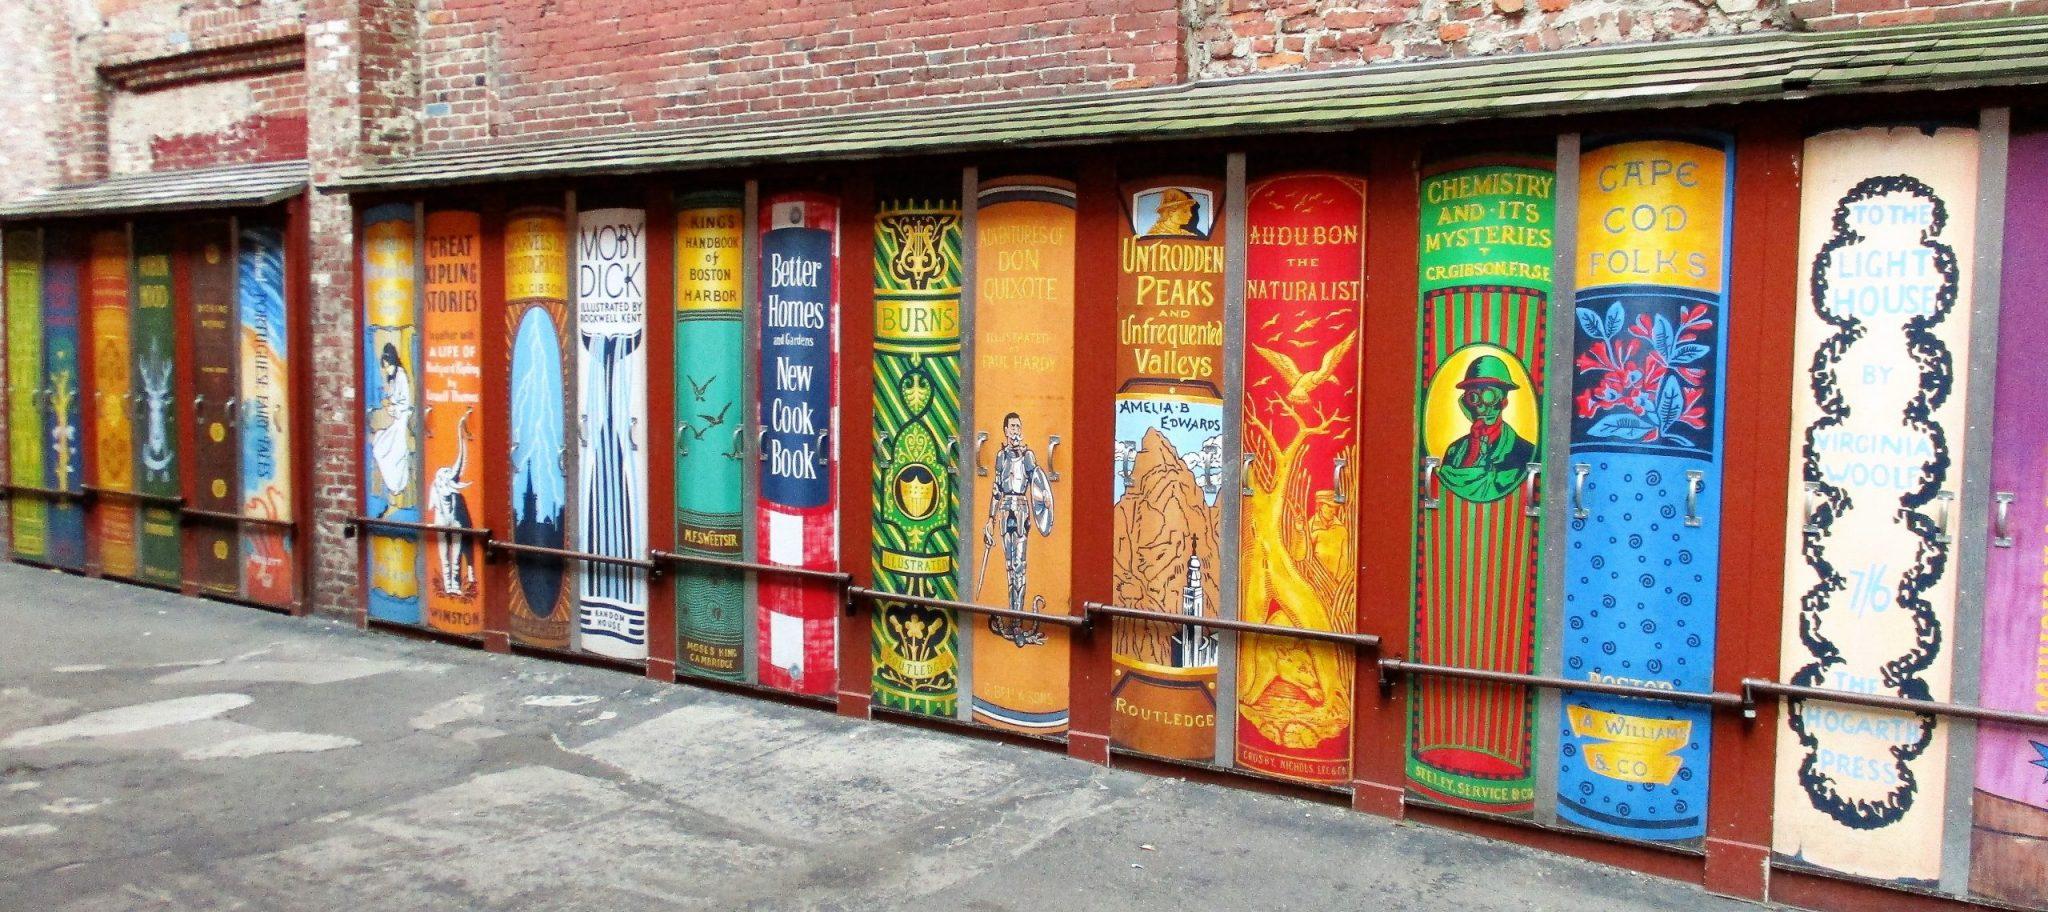 A photo of street art in Boston.